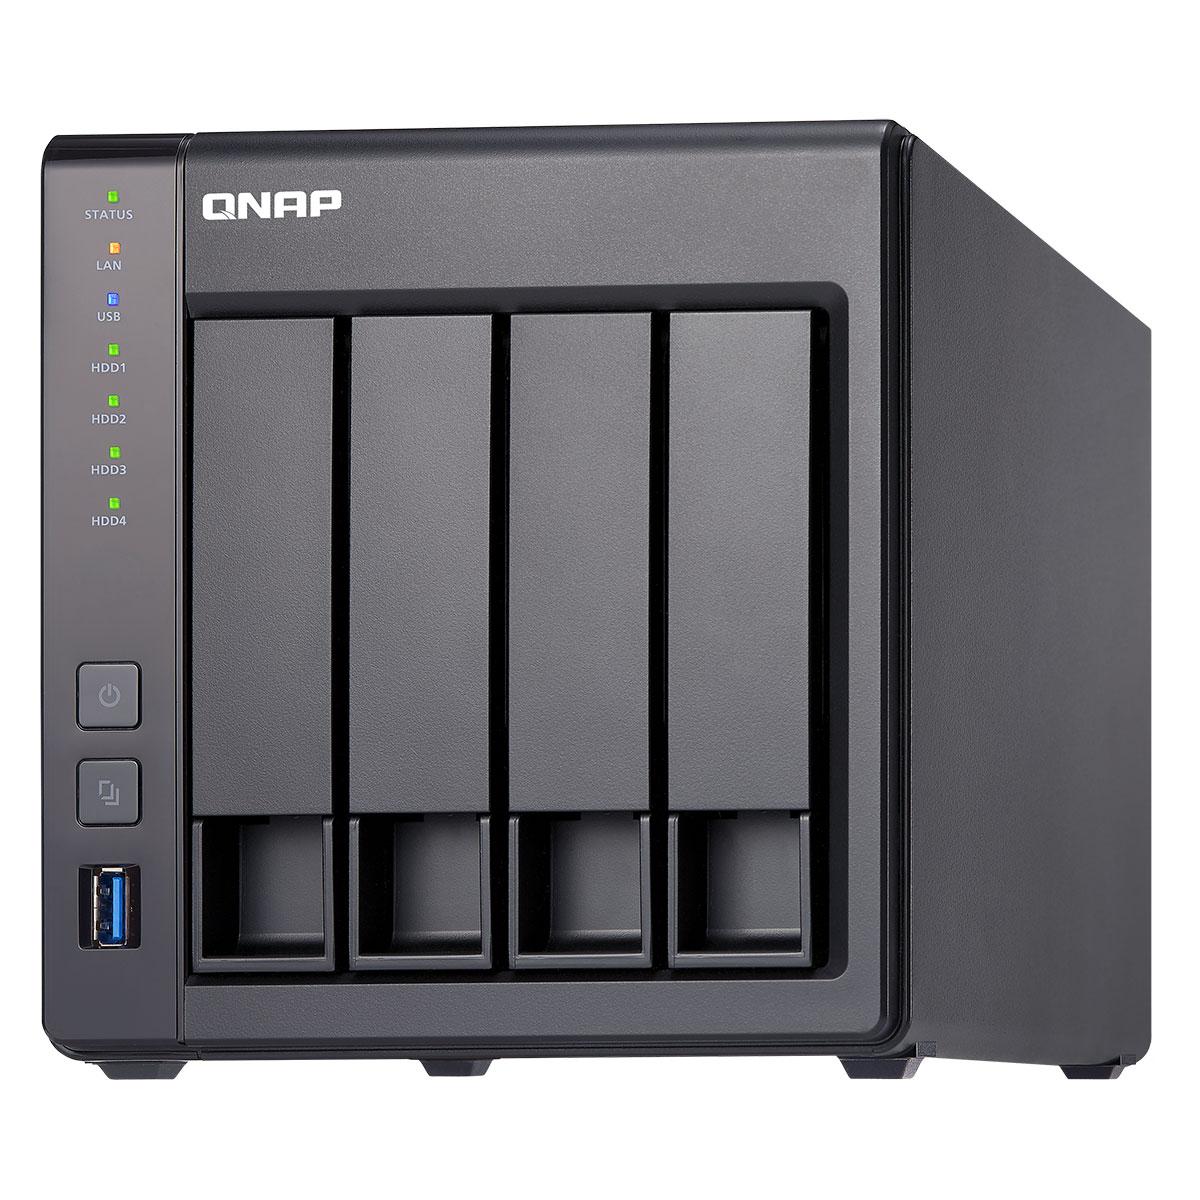 Qnap TS-431X-2G - 4 HDD - Serveur NAS Qnap - Cybertek.fr - 3